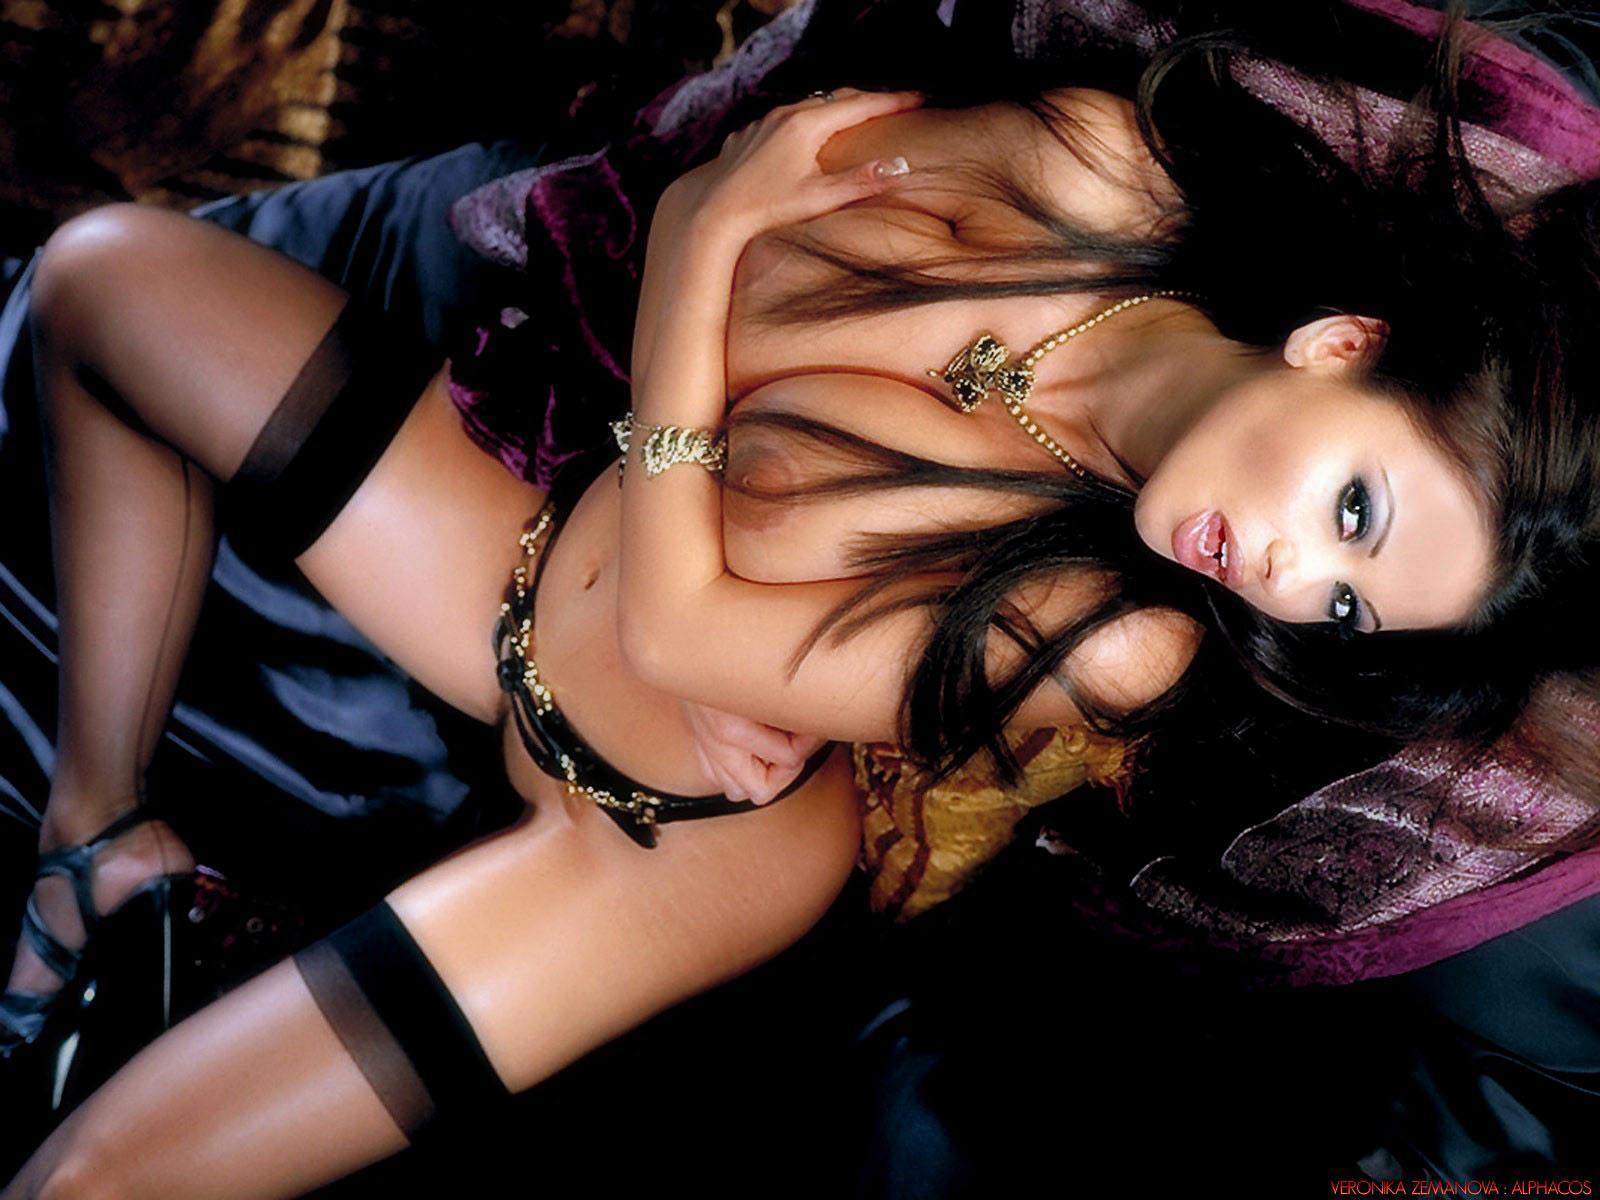 http://1.bp.blogspot.com/-cT1Q9GMI_Zo/T8bUacGkXBI/AAAAAAAAIkY/CaXVhf9nfoA/s1600/veronika_zemanova_wallpapers_10_2.jpg